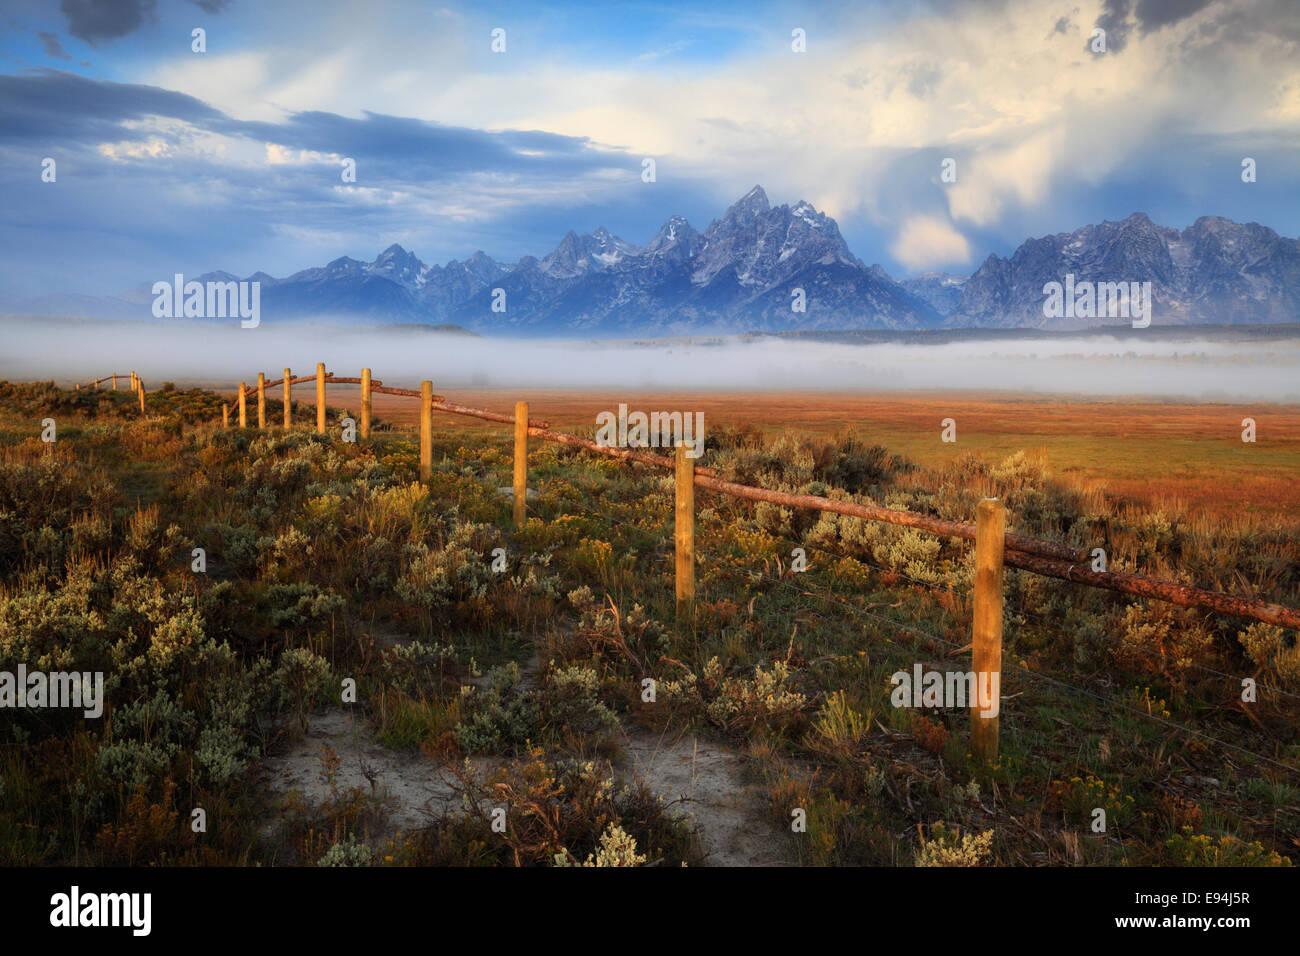 Espectacular cordillera Teton cerca de Triangle X Ranch en parque nacional Grand Teton, Wyoming Imagen De Stock